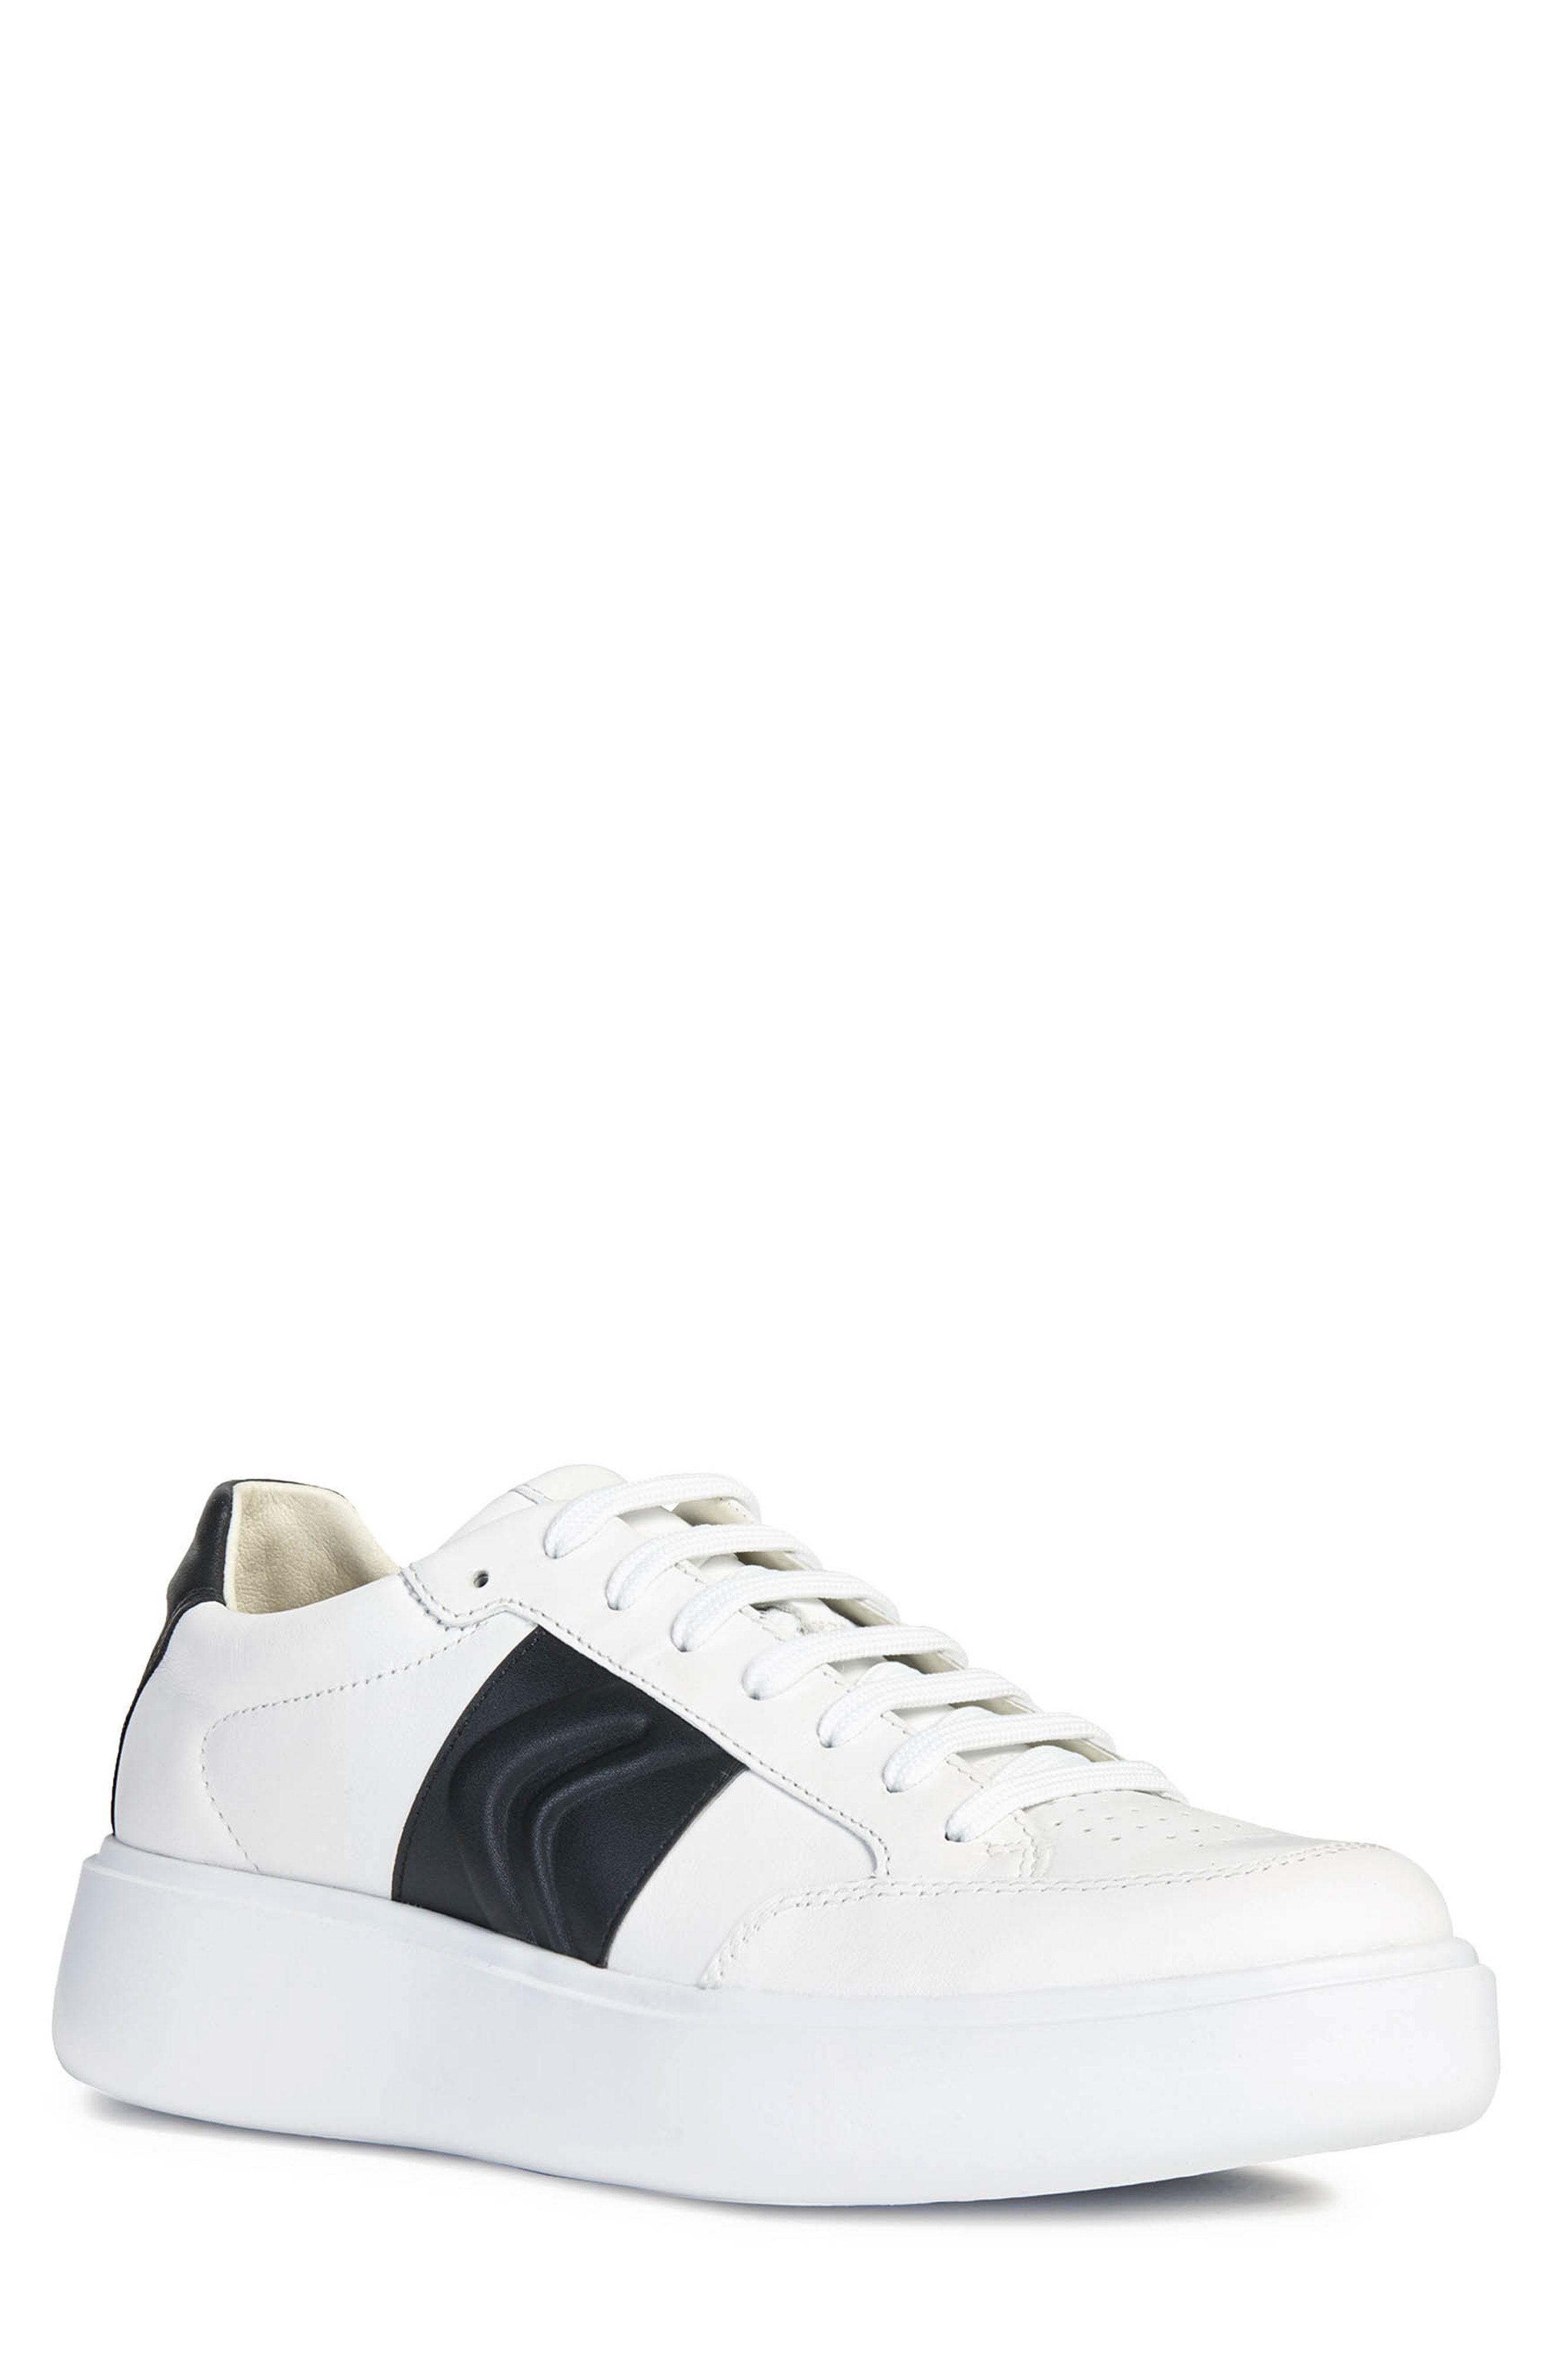 150a936583 GEOX OTTAYA 1 SNEAKER. #geox #shoes   Geox in 2019   Sneakers ...